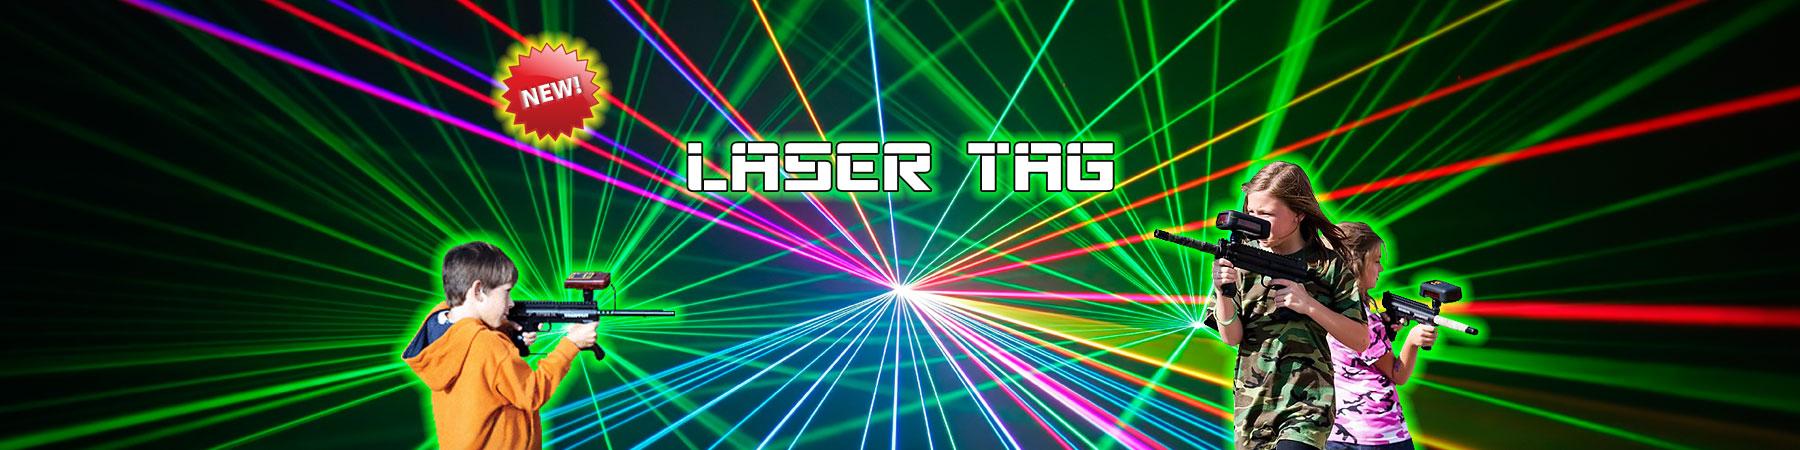 home-slide-laser-tag